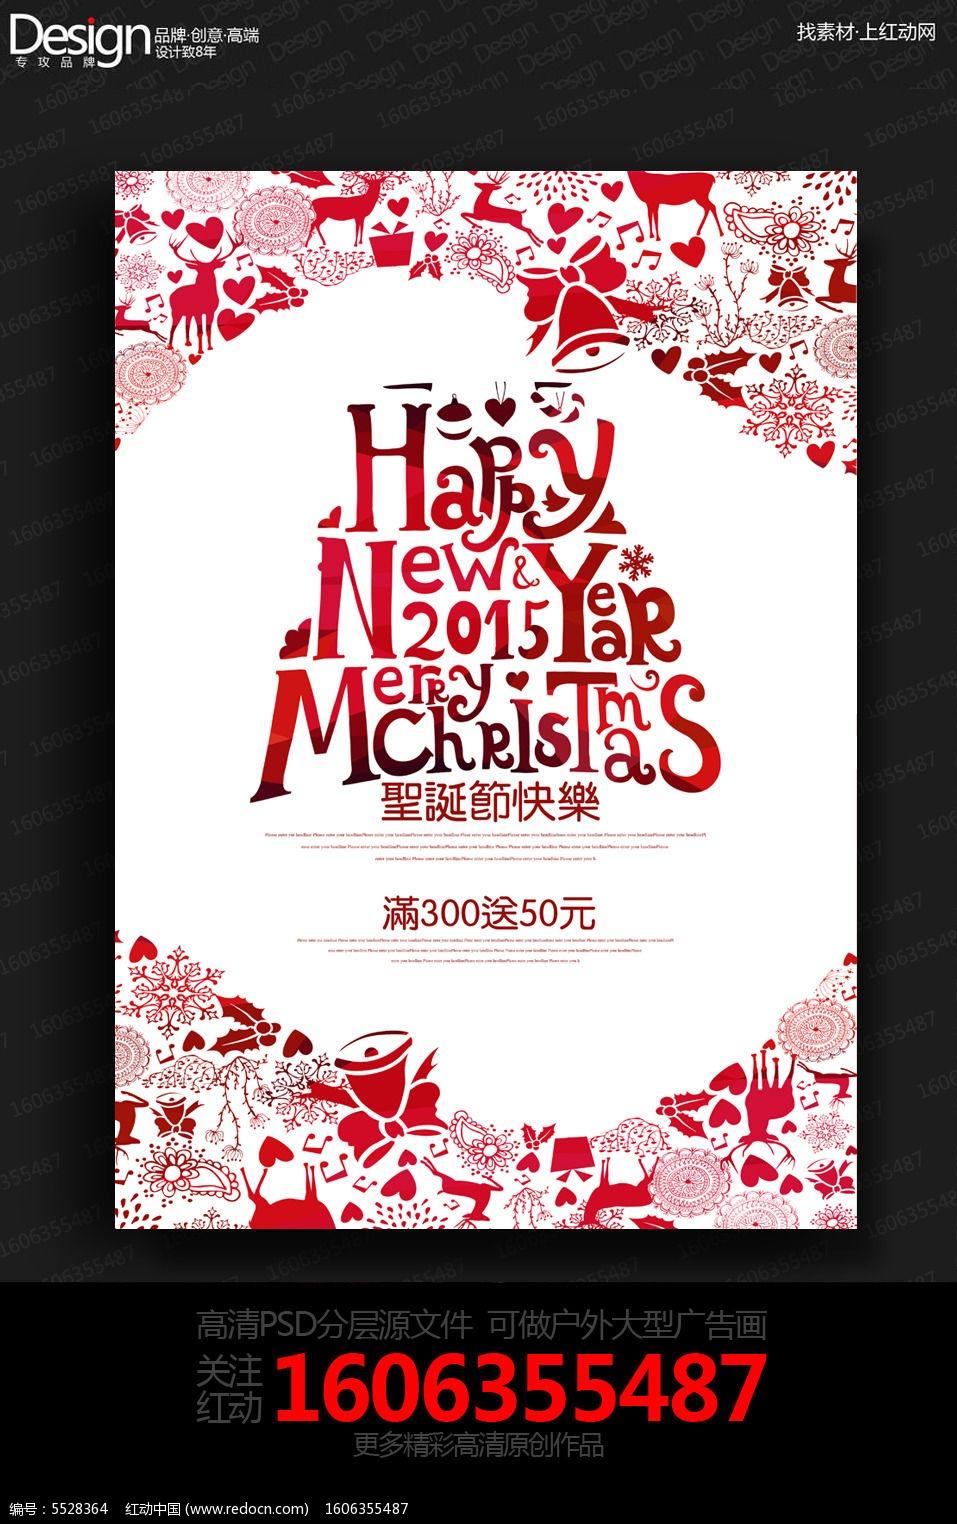 简约时尚圣诞节促销海报设计